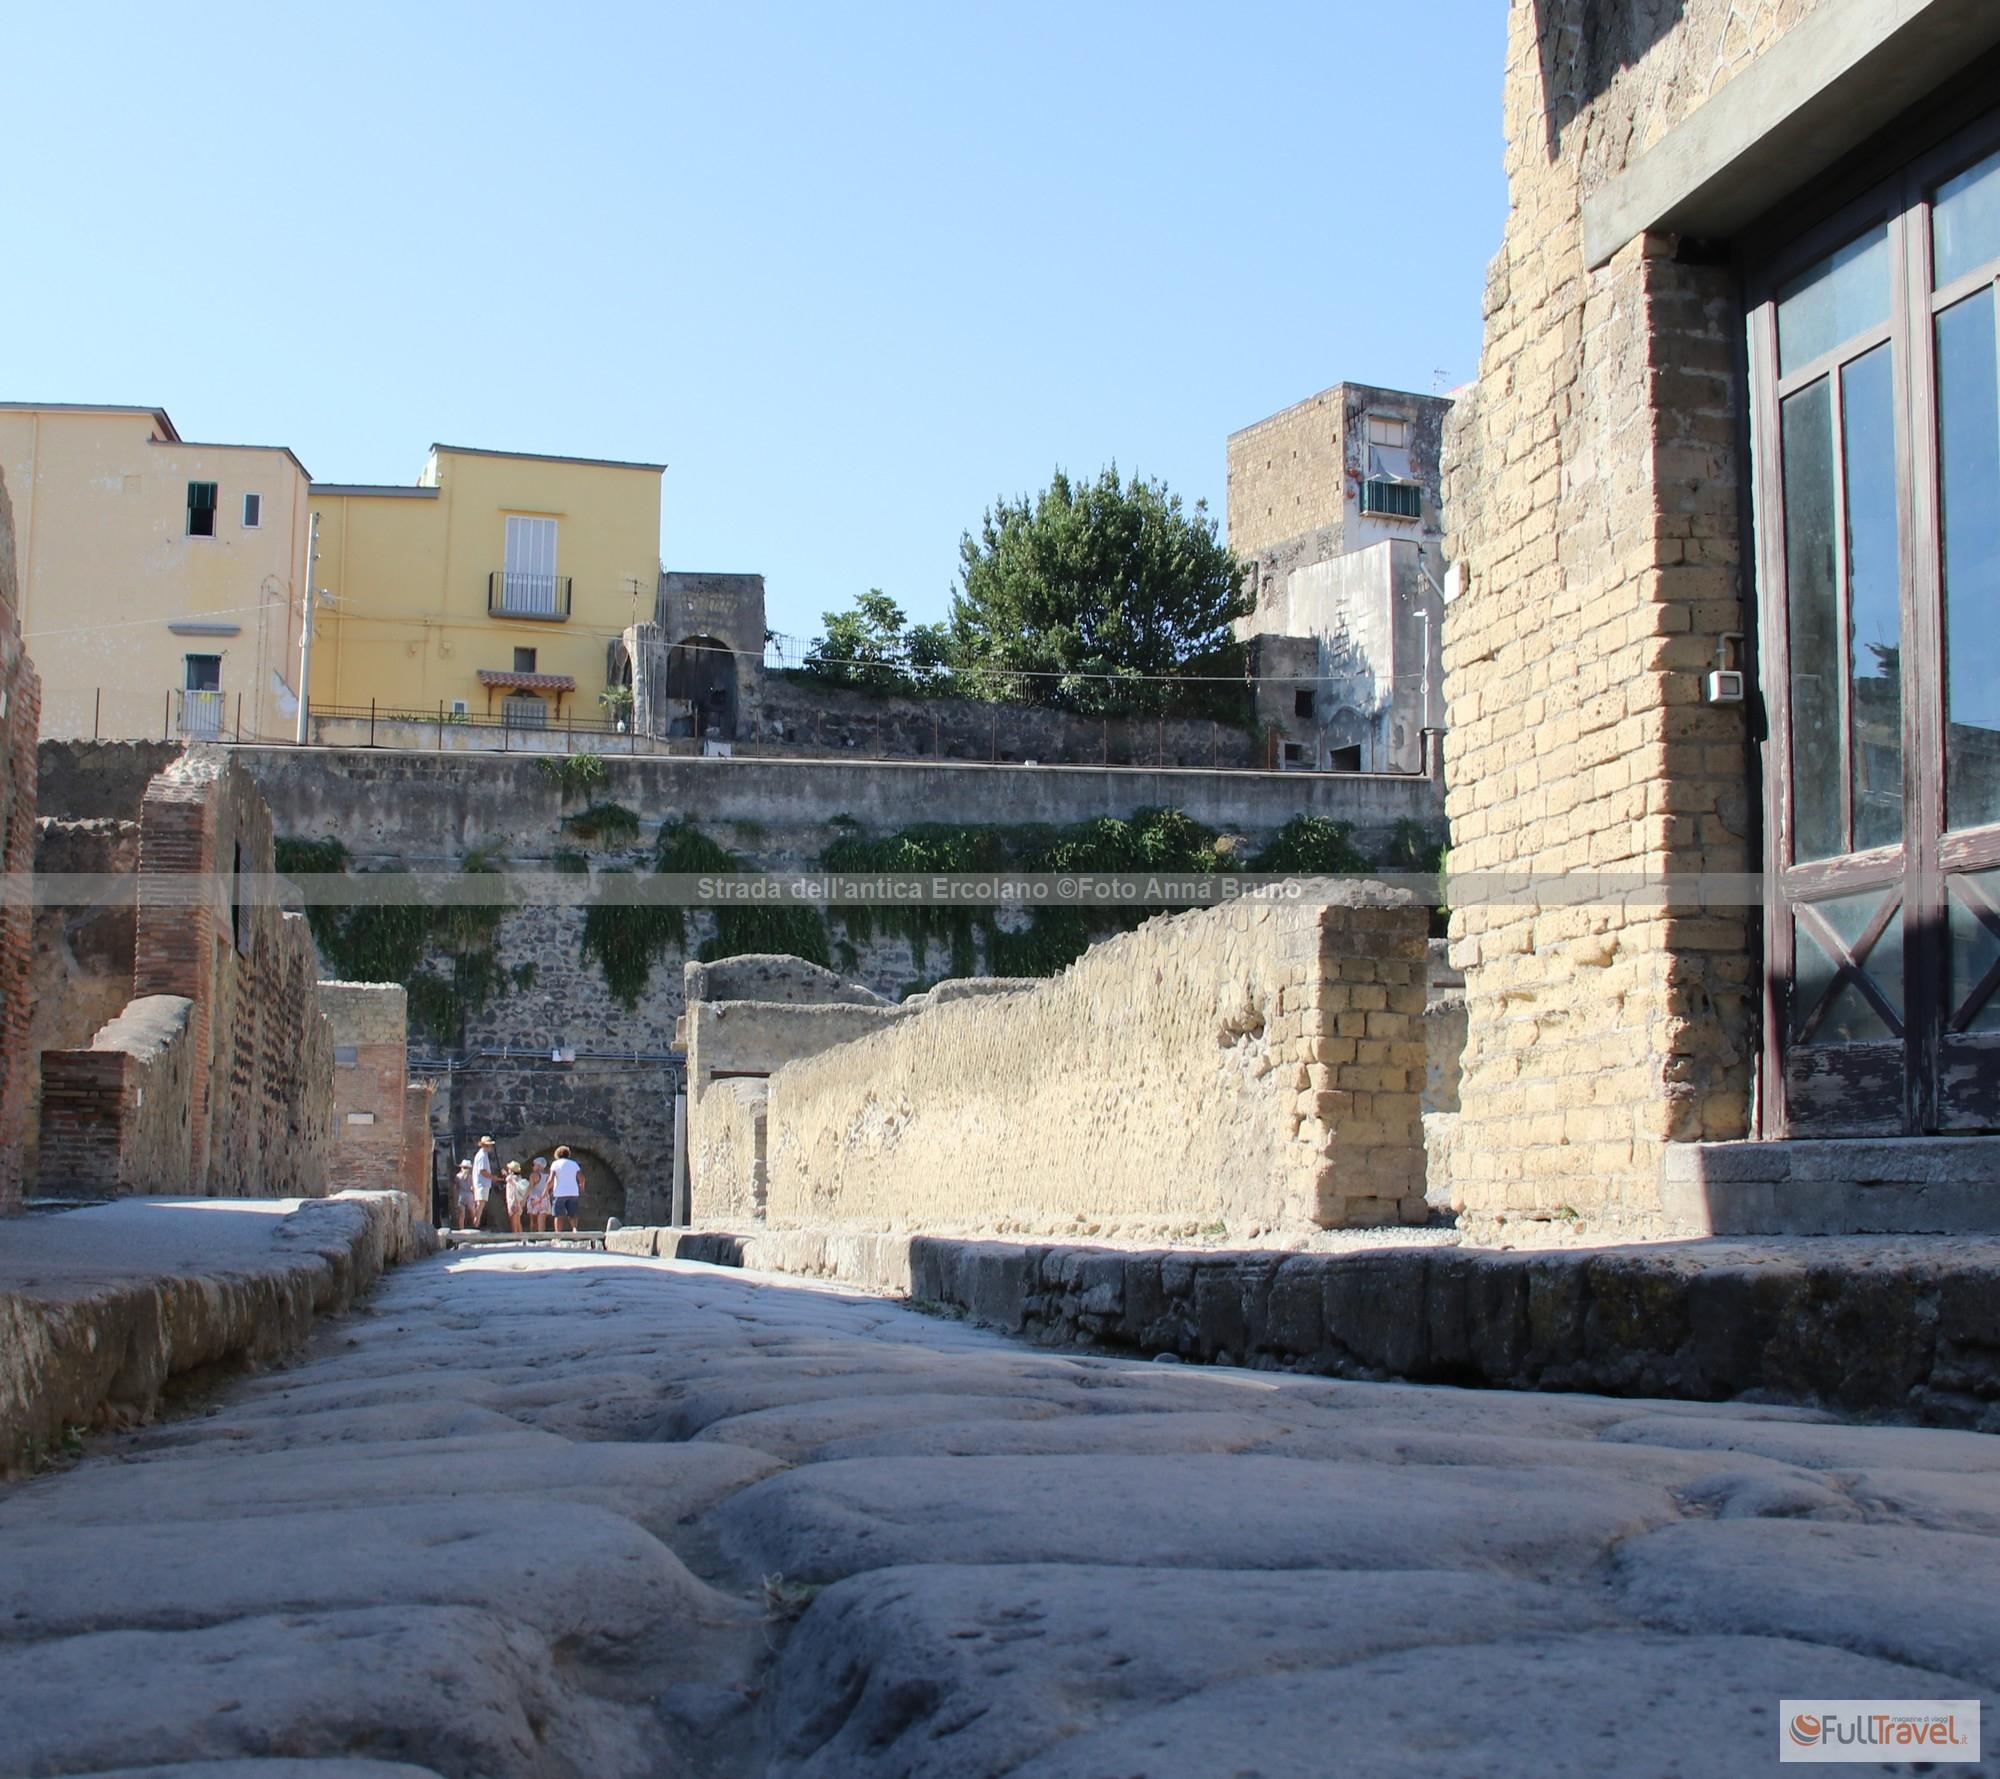 Strada dell'antica Ercolano ©Foto Anna Bruno